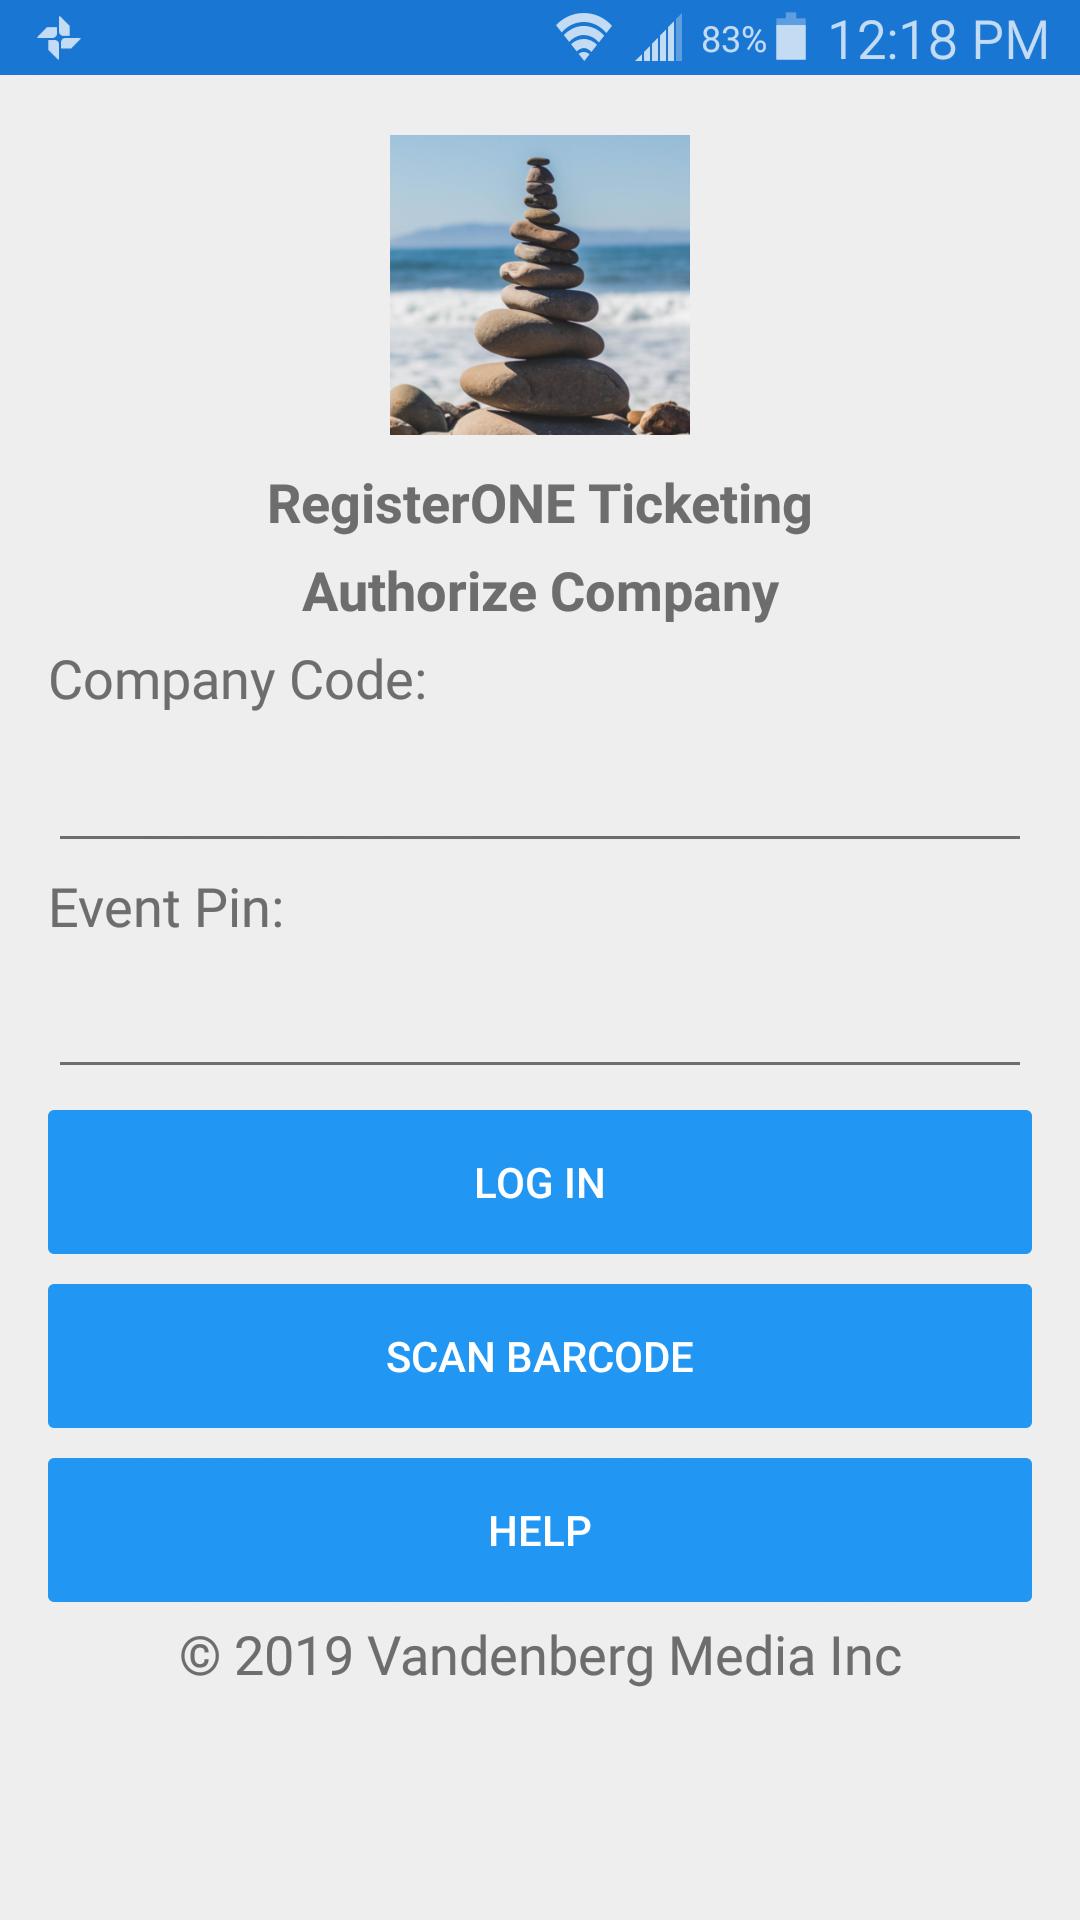 Scanapp authorize company screen.